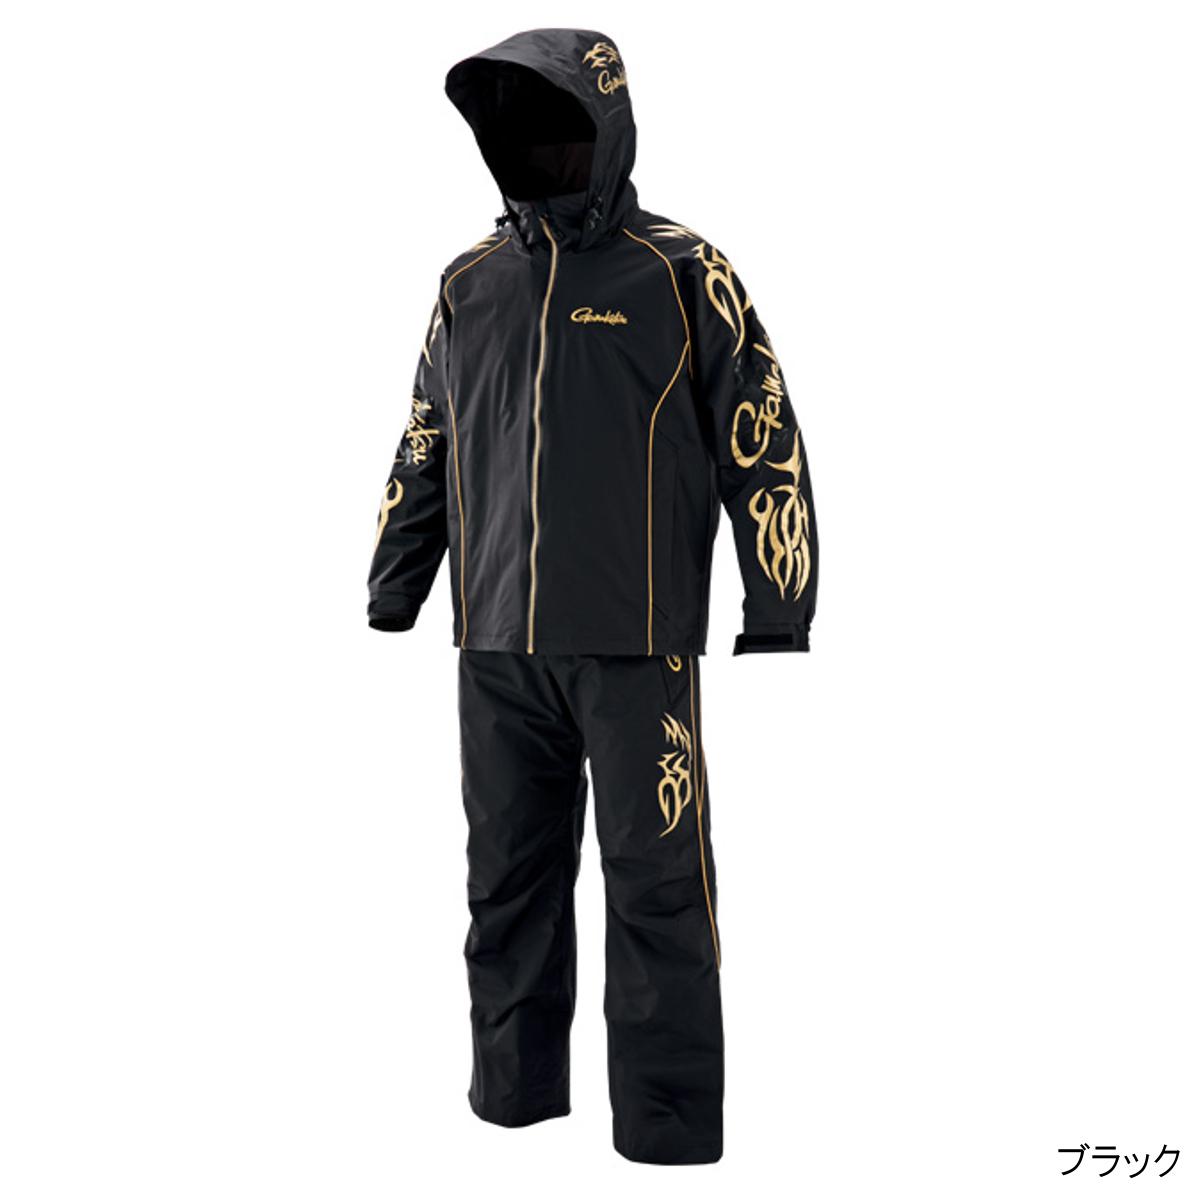 アルテマシールド200 フィッシングレインスーツ(超々耐久撥水仕様) GM-3502 3L ブラック(東日本店)